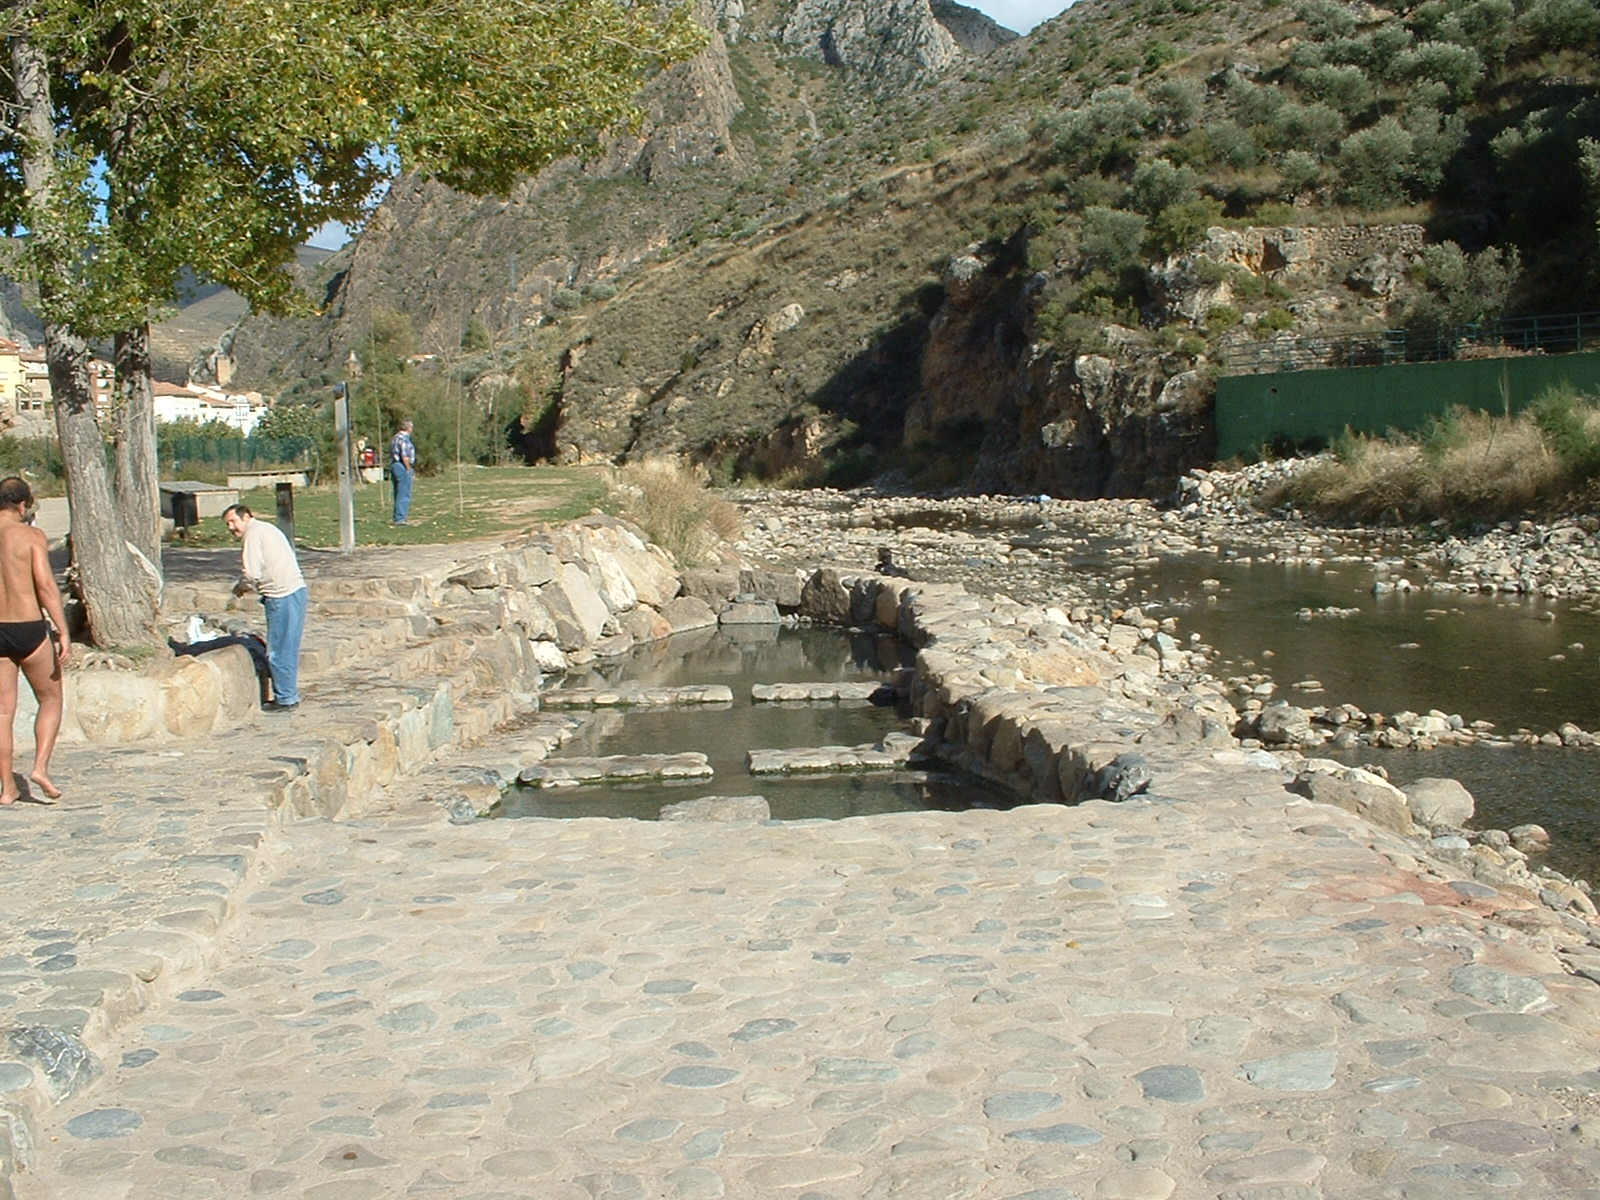 Las pozas de arnedillo termas naturales en la rioja vivanco for Termas naturales cerca de madrid